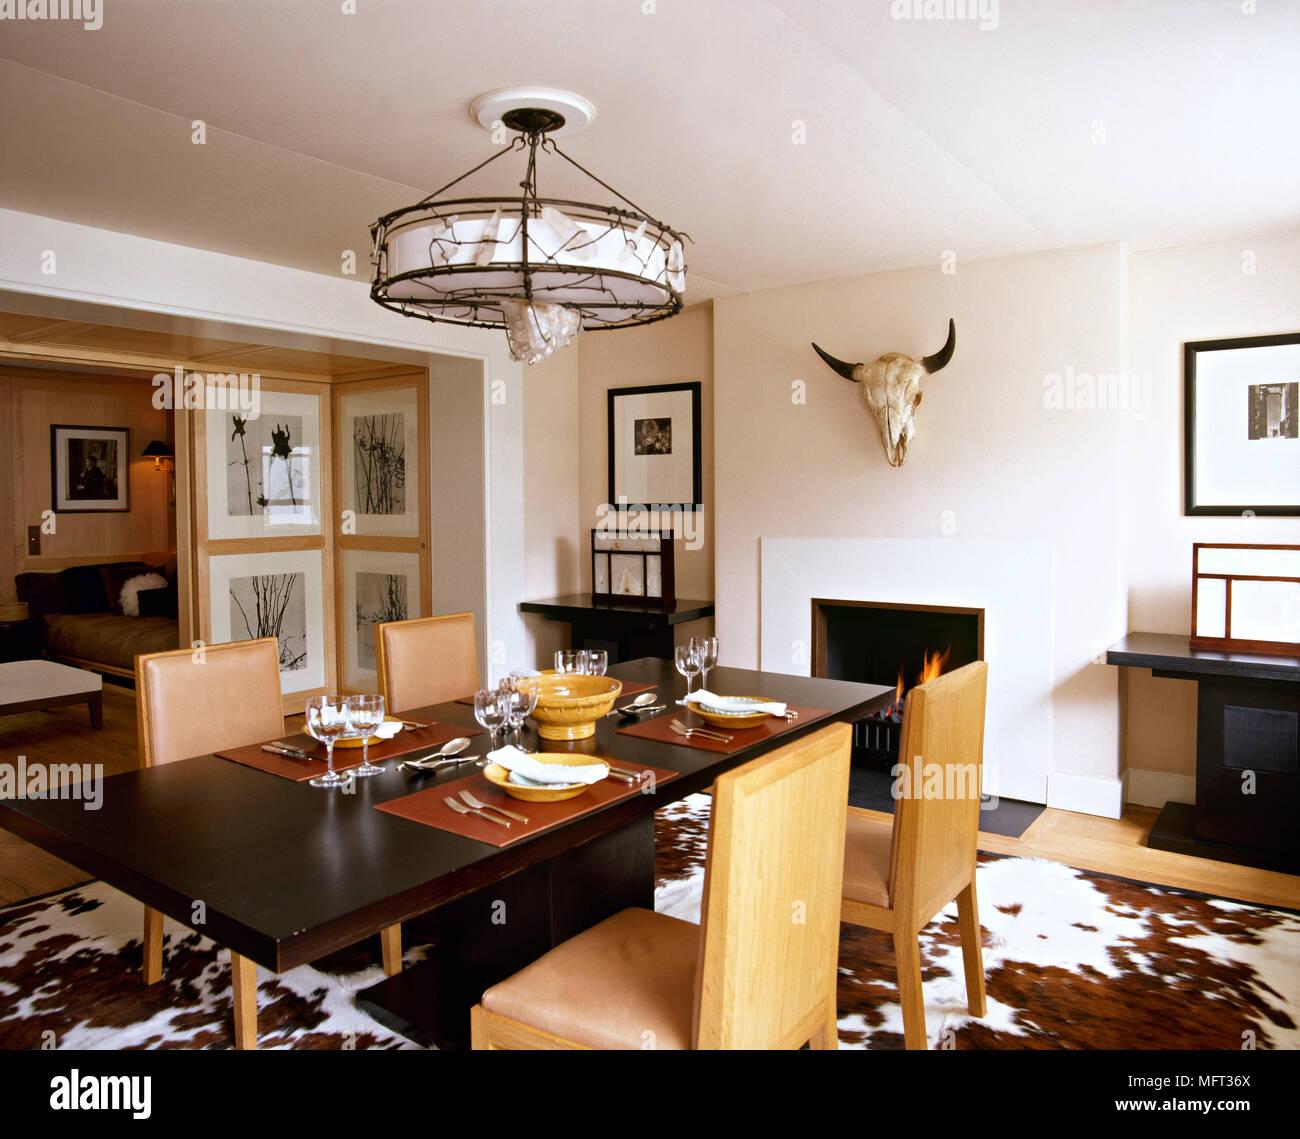 Moderne Esszimmer Holz Tisch Lederstuhle Rindsleder Teppich Tisch